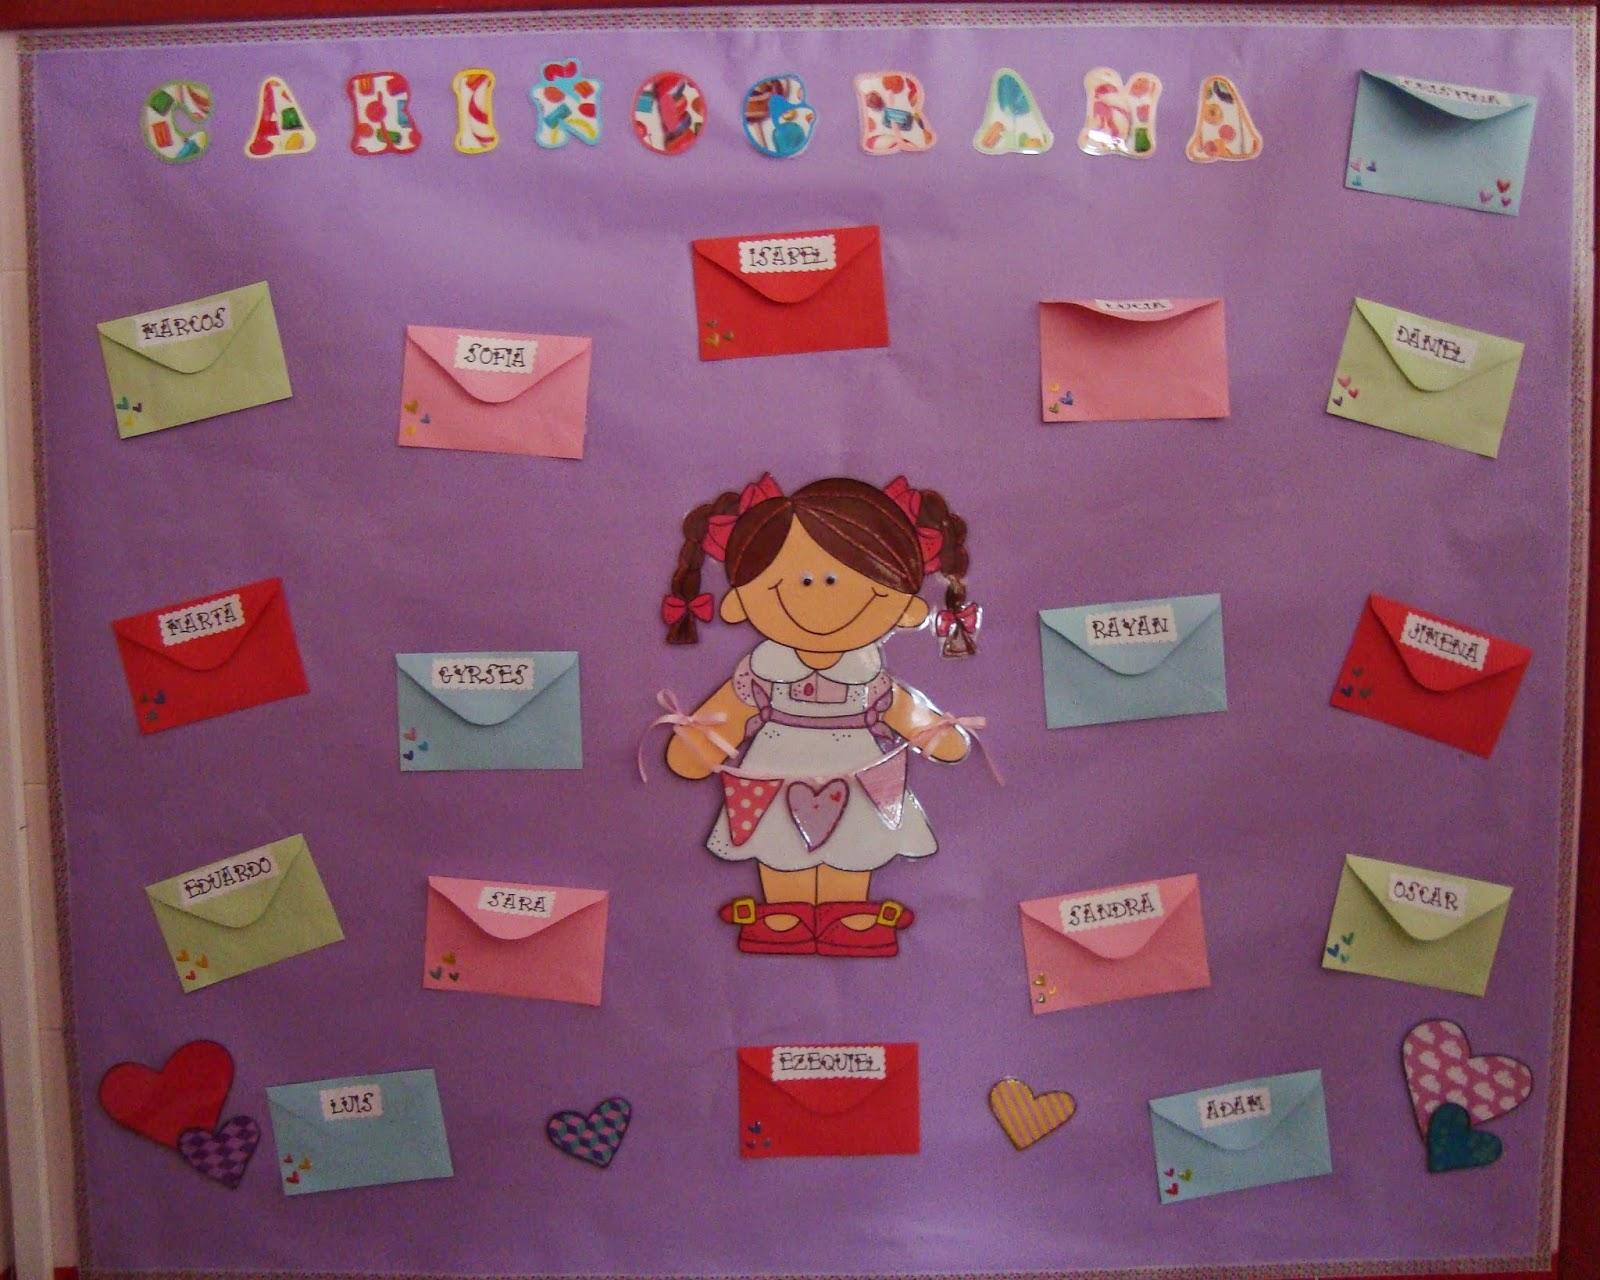 Plastificando ilusiones cari ograma for Actividades para el salon de clases